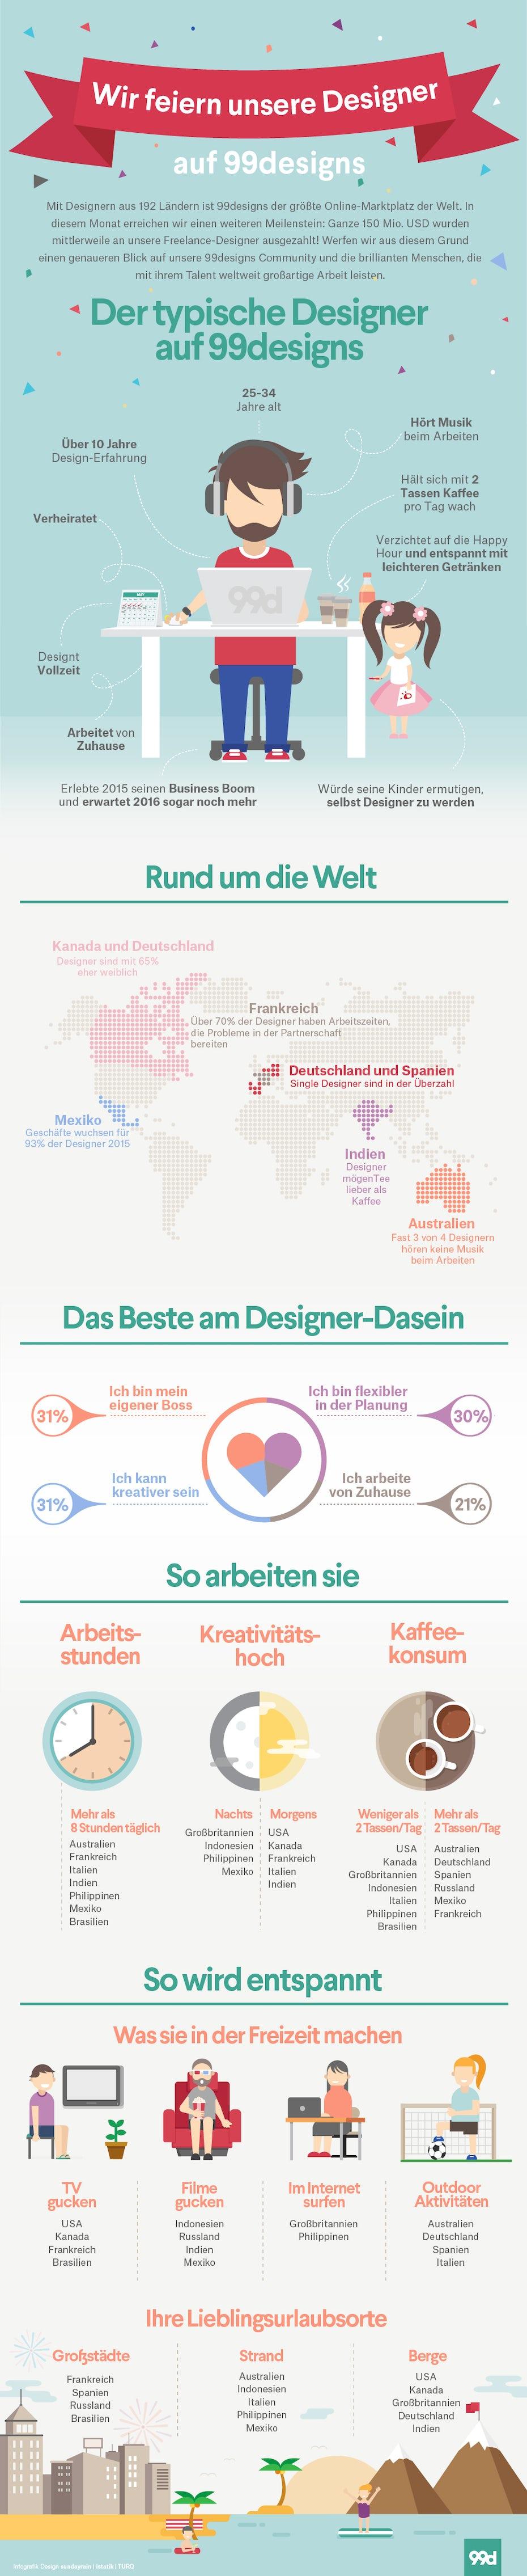 99designer_infografik